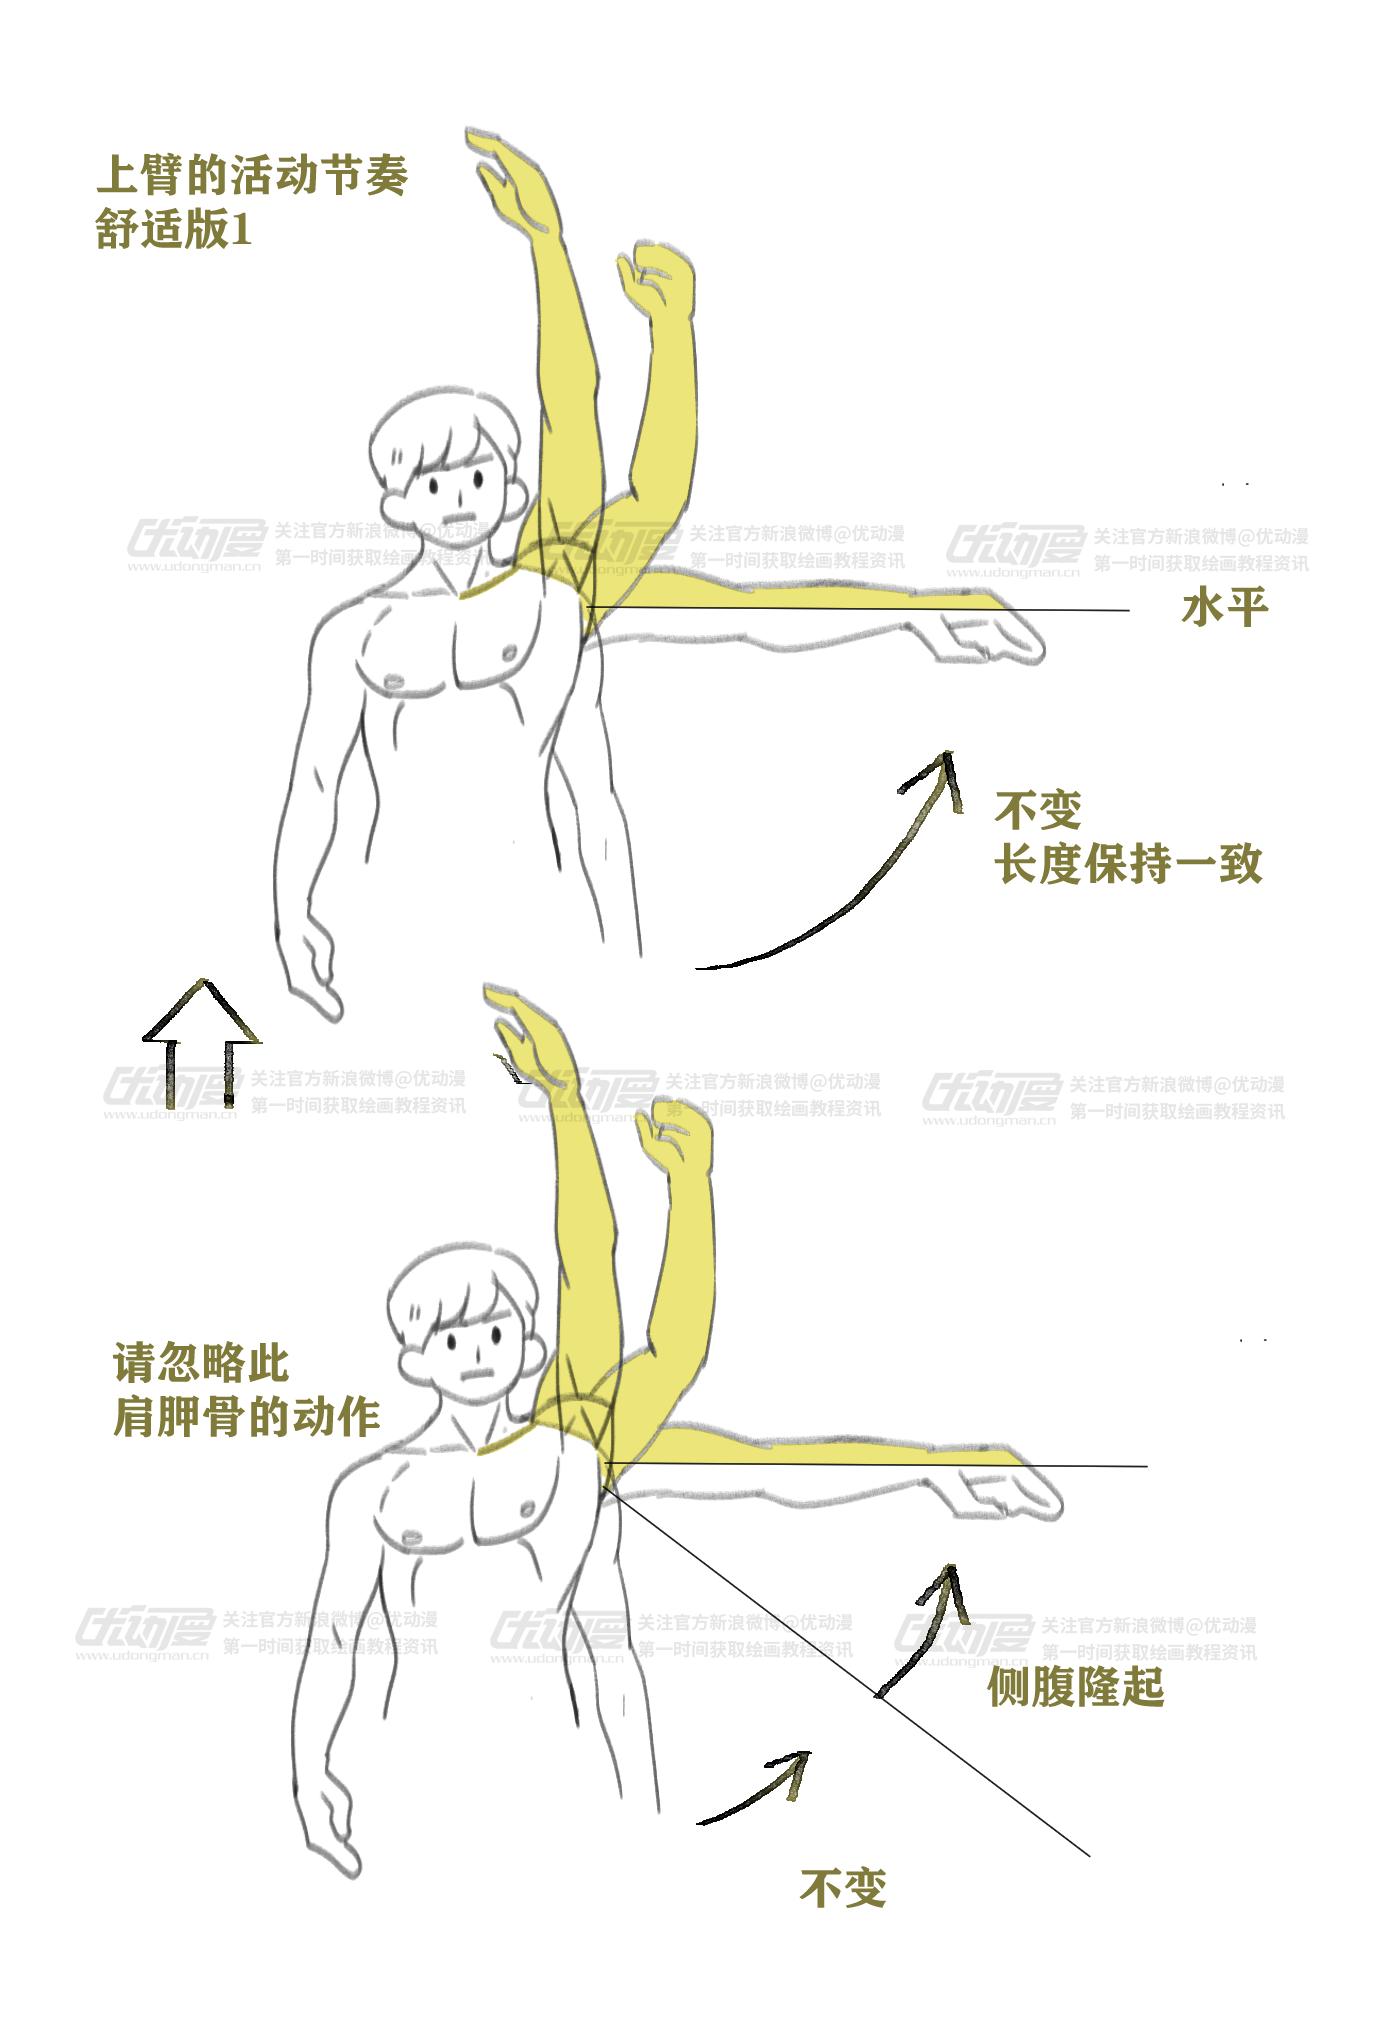 肌肉的绘制教程2.png